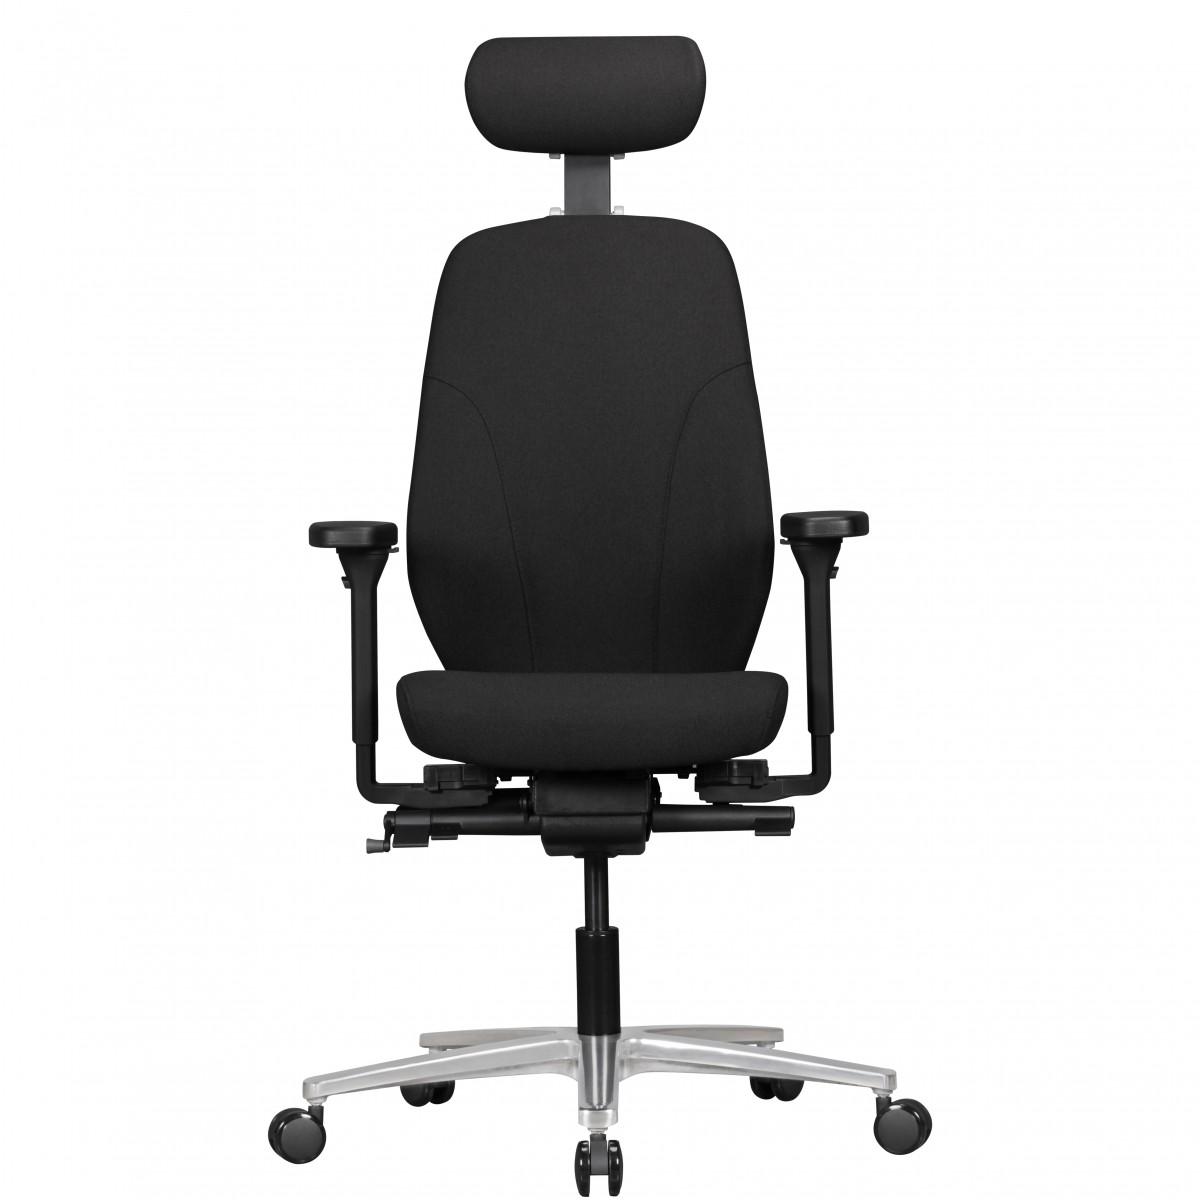 Topnotch Hvor finder man det bedste udsalg på kontorstole? LU04